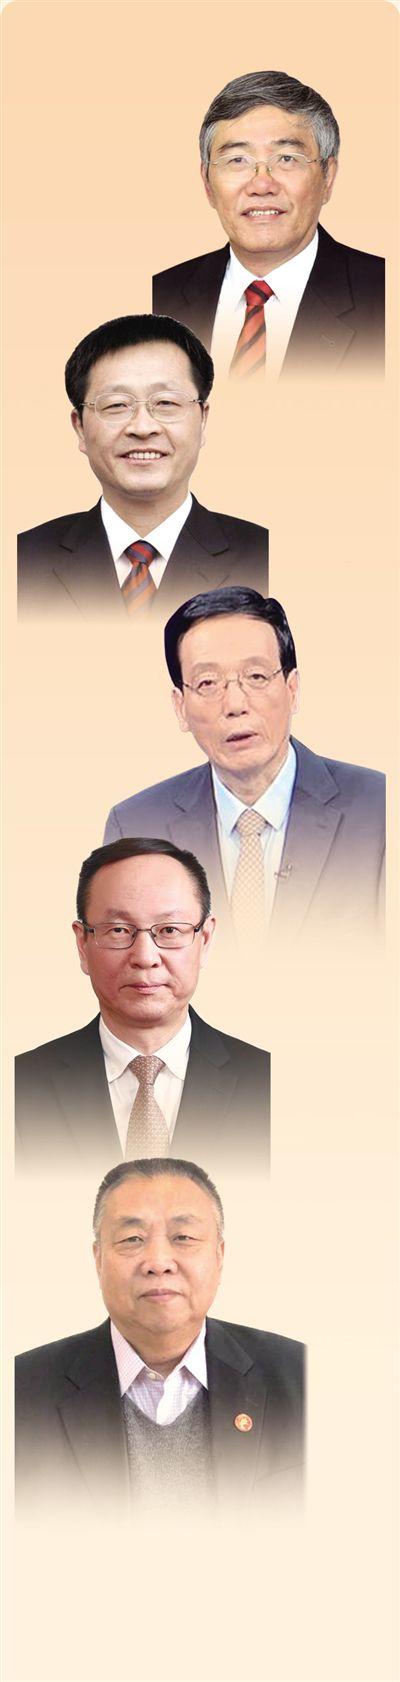 杨伟民:疫情对经济影响是短暂的 经济长期向好不会变